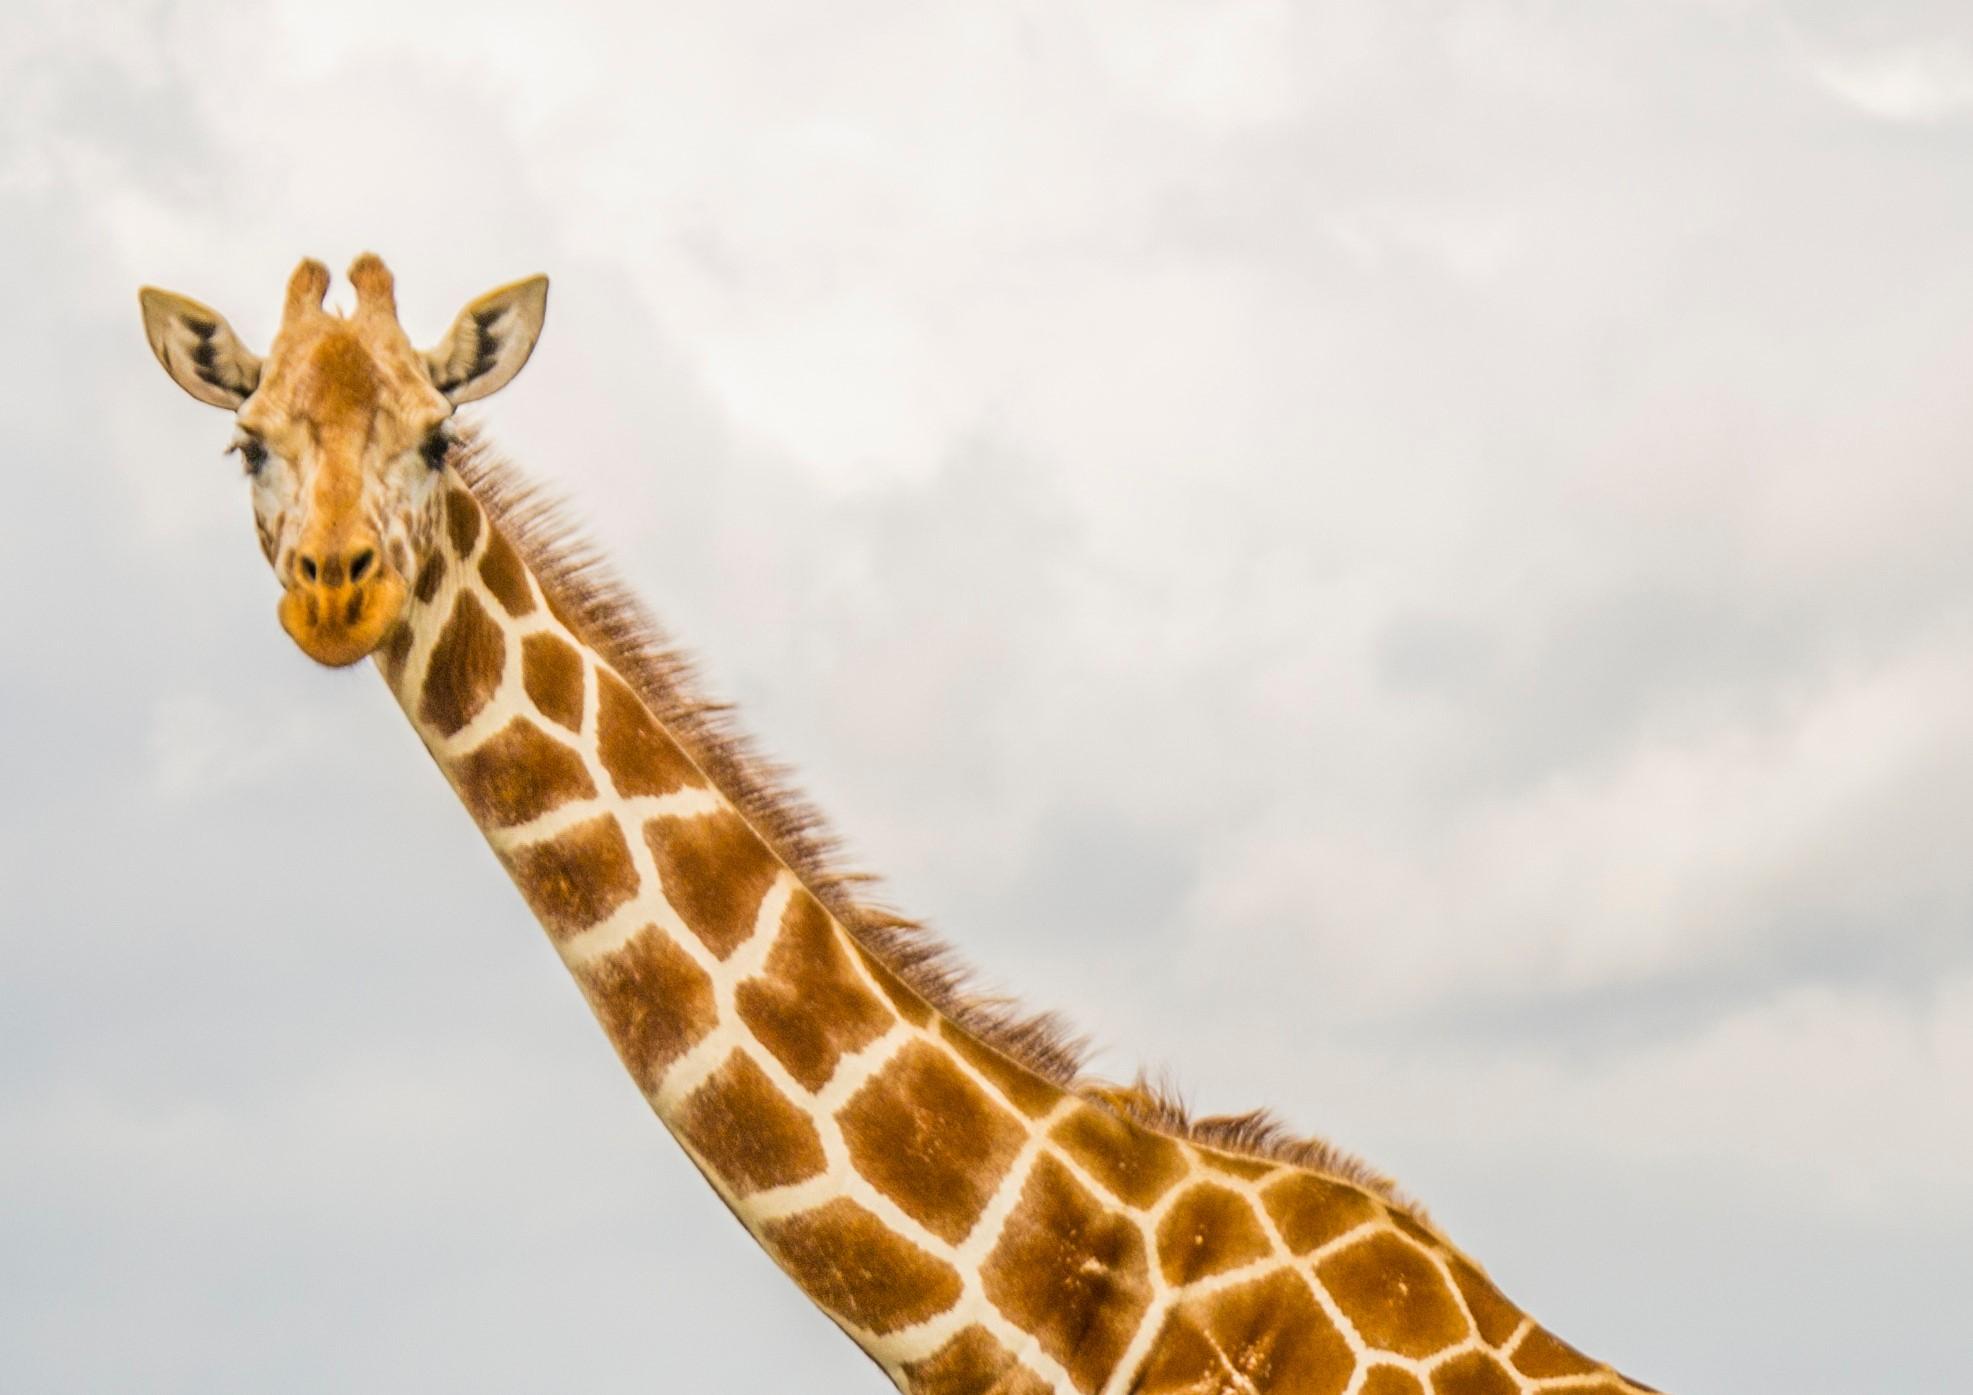 Giraffe-cropped.jpg